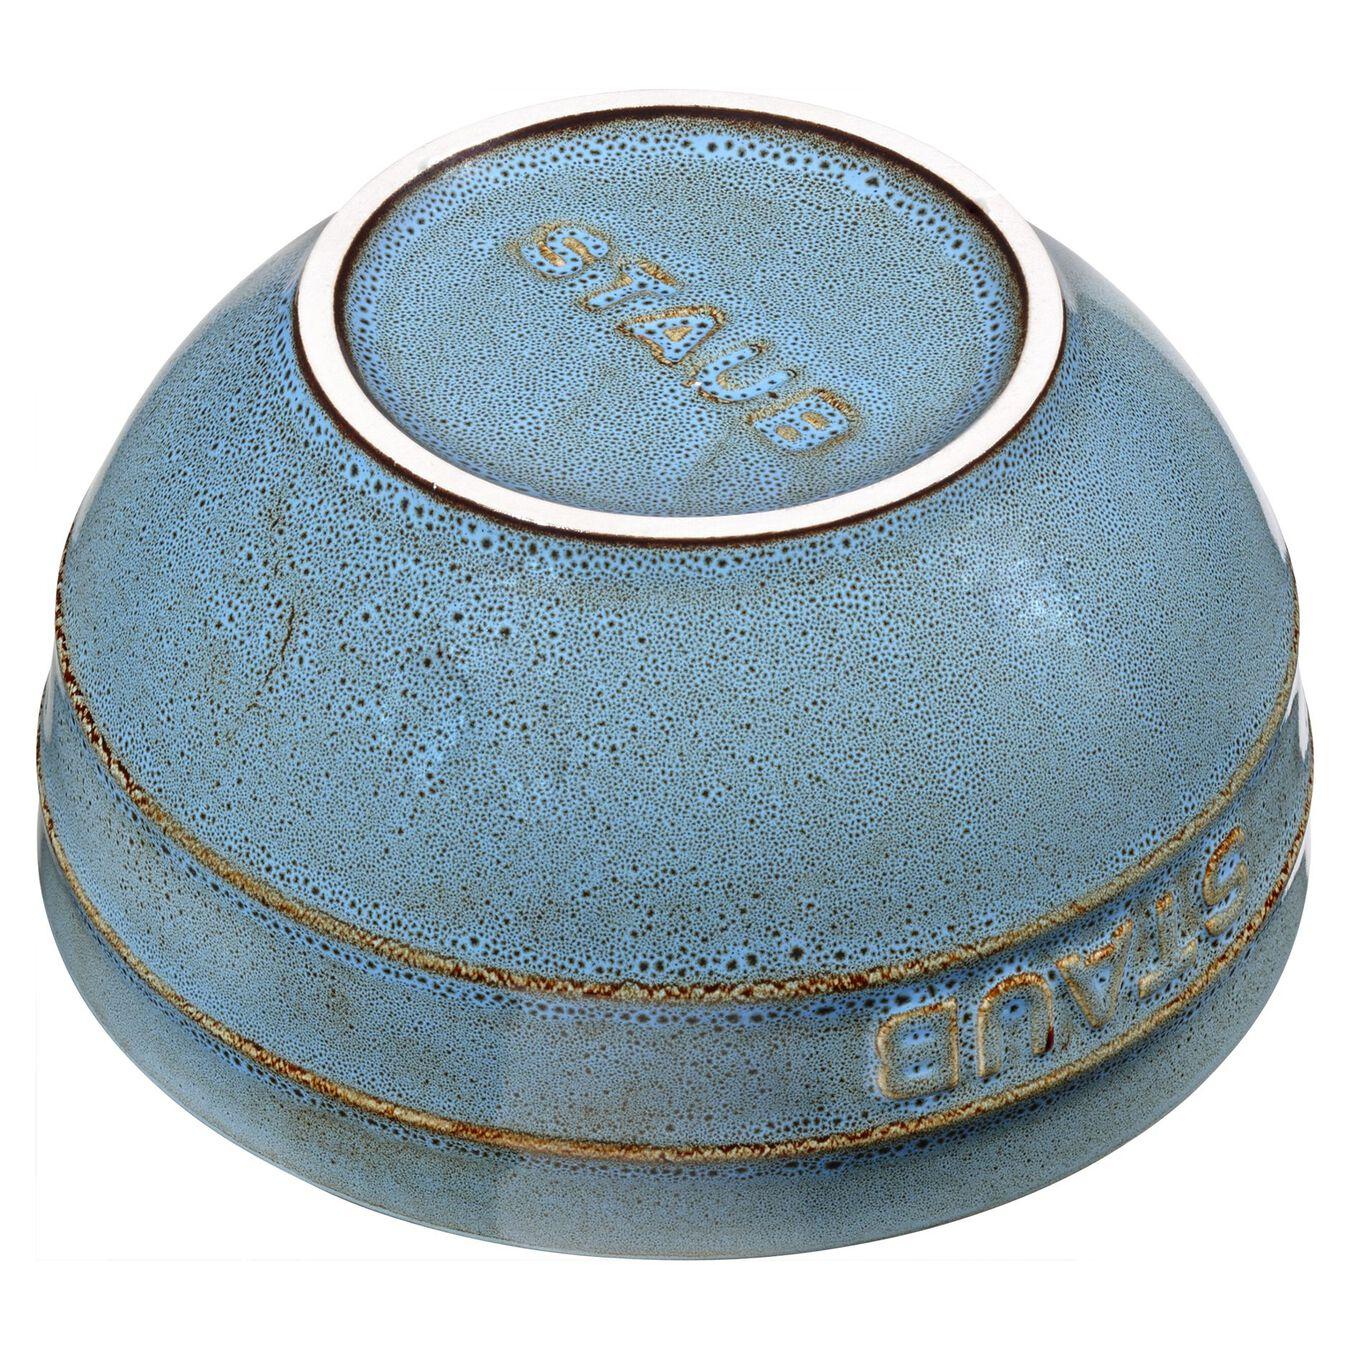 Ciotola rotonda - 14 cm, Colore turchese antico,,large 2